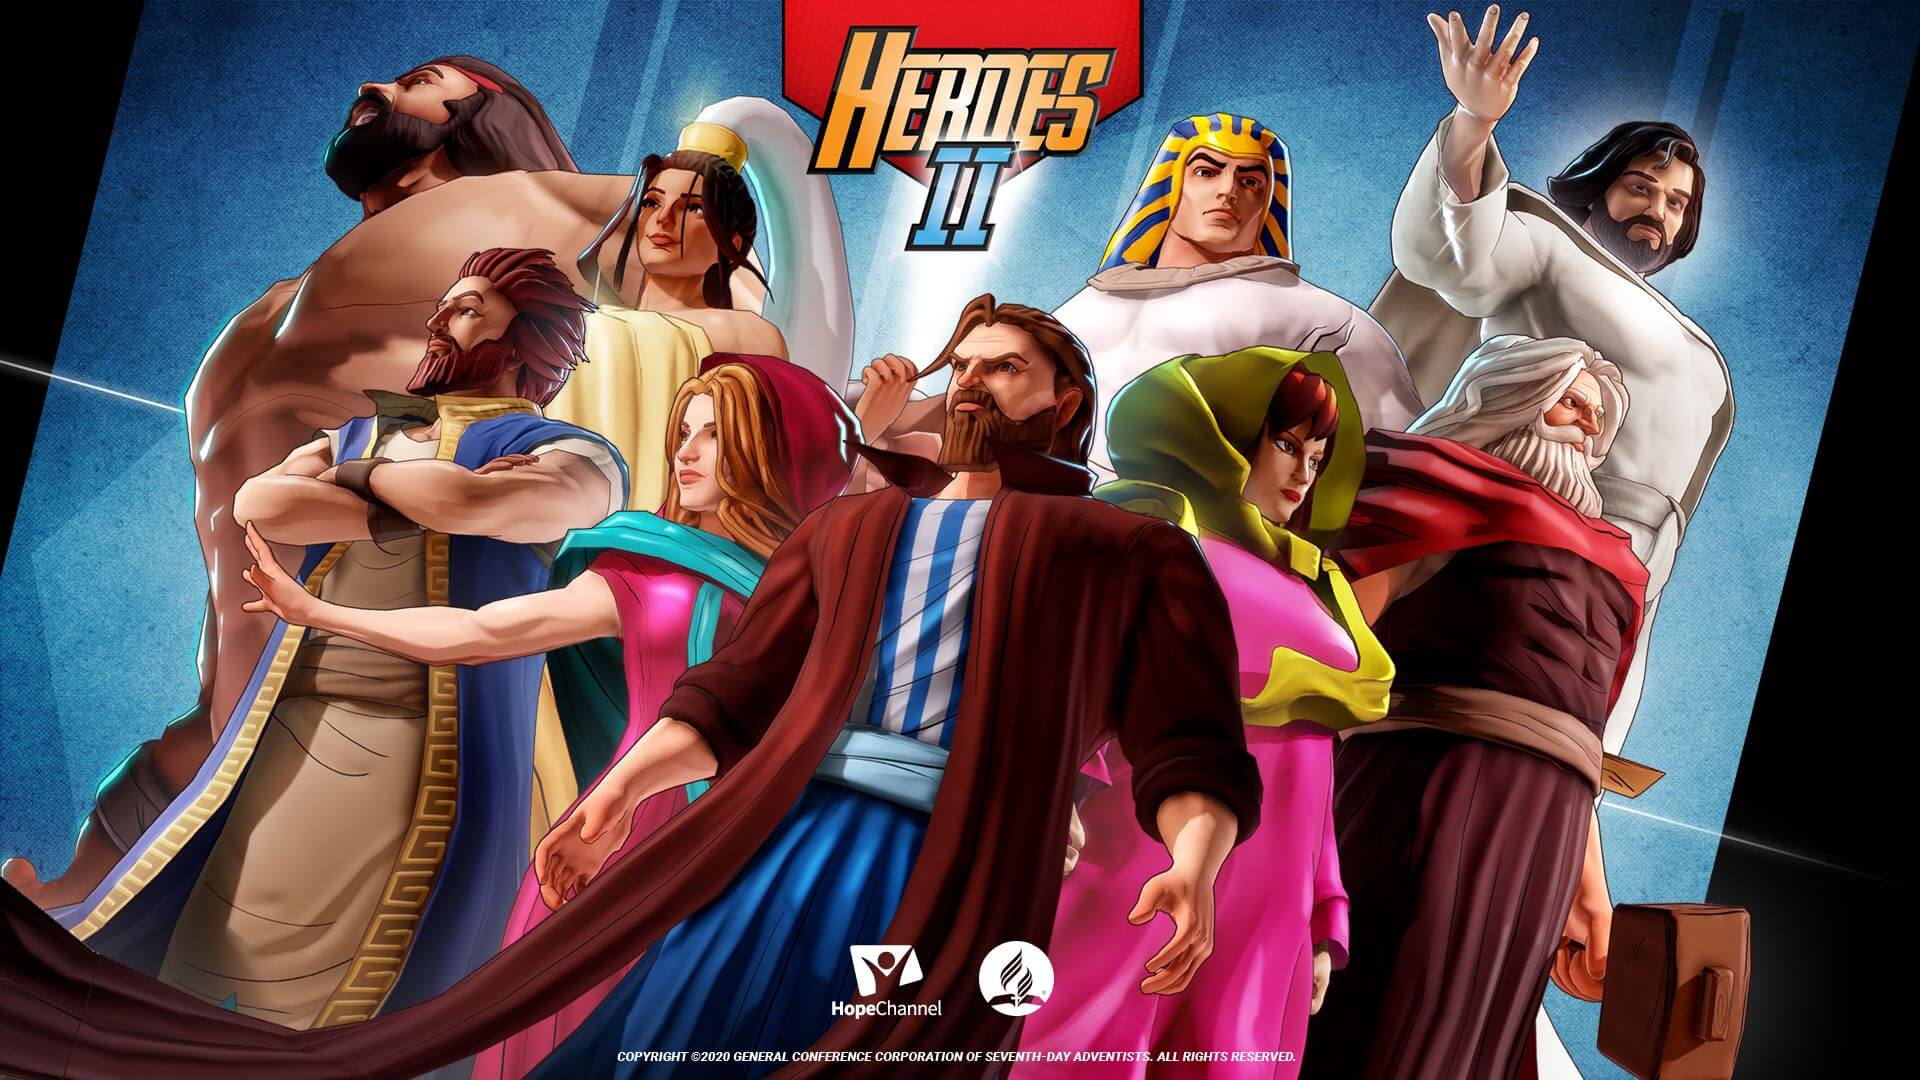 Heroes | Jogo bíblico adventista terá continuação